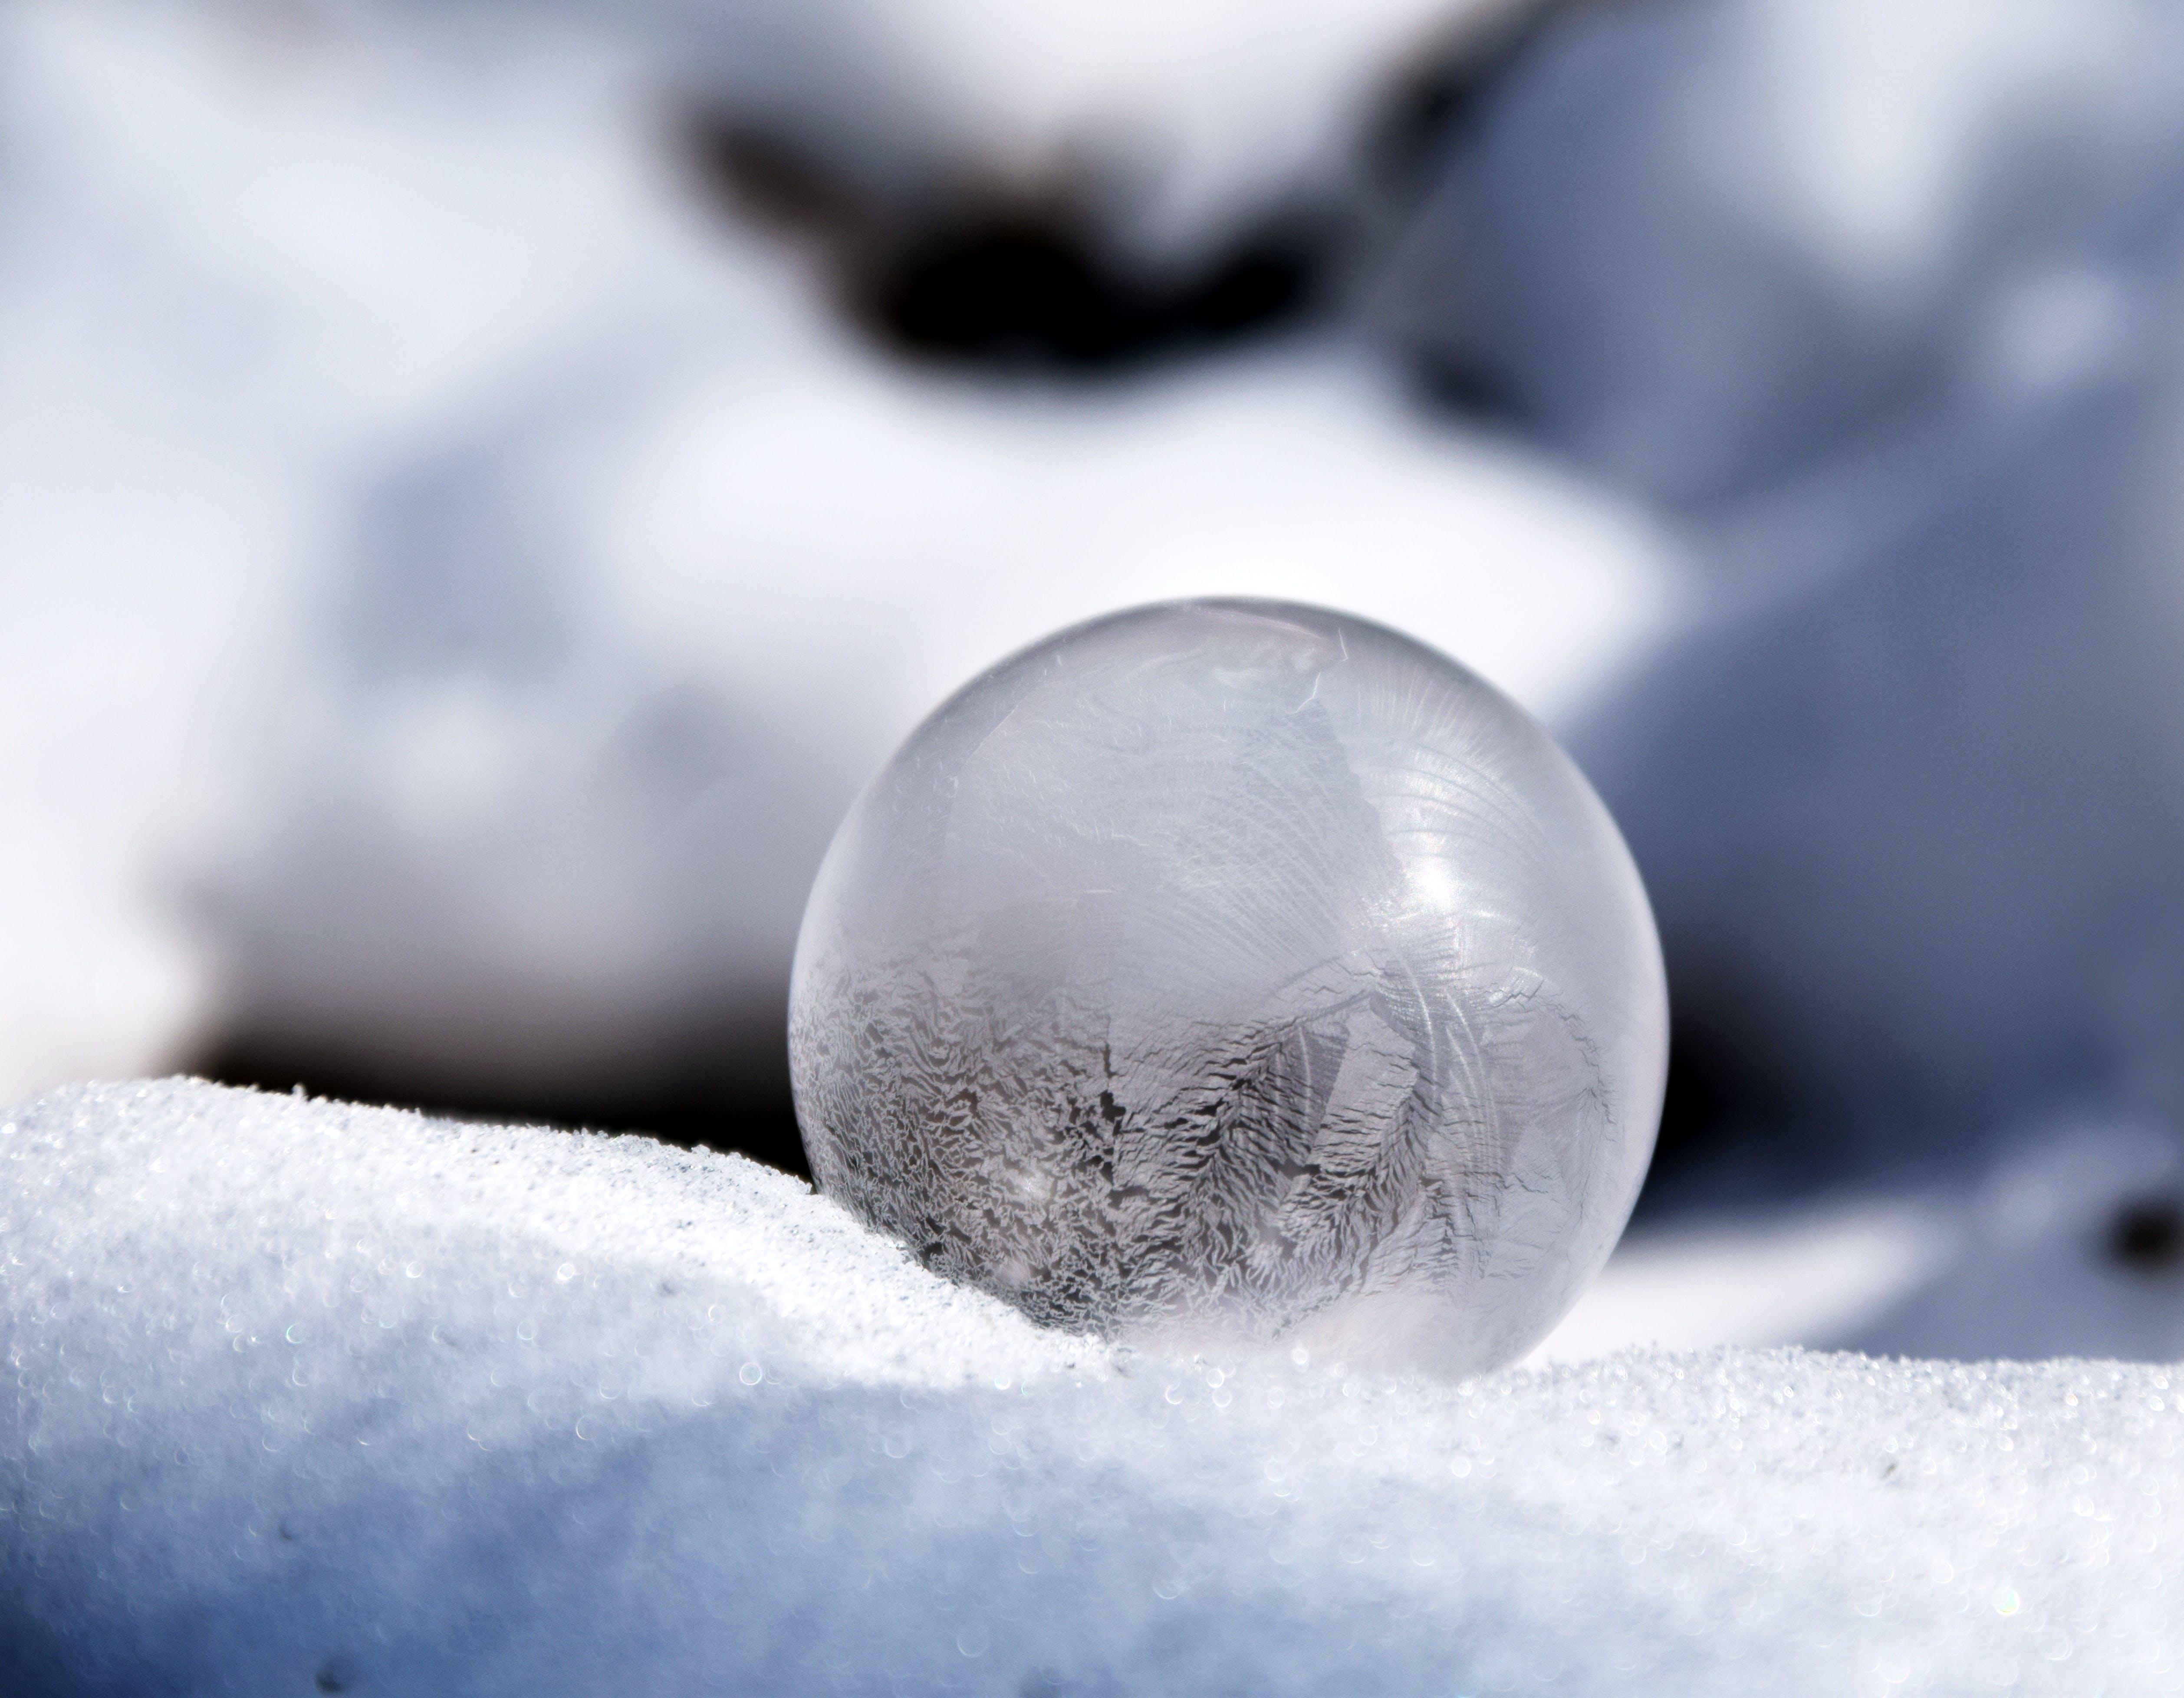 bulanıklık, buz, buzlu, don içeren Ücretsiz stok fotoğraf